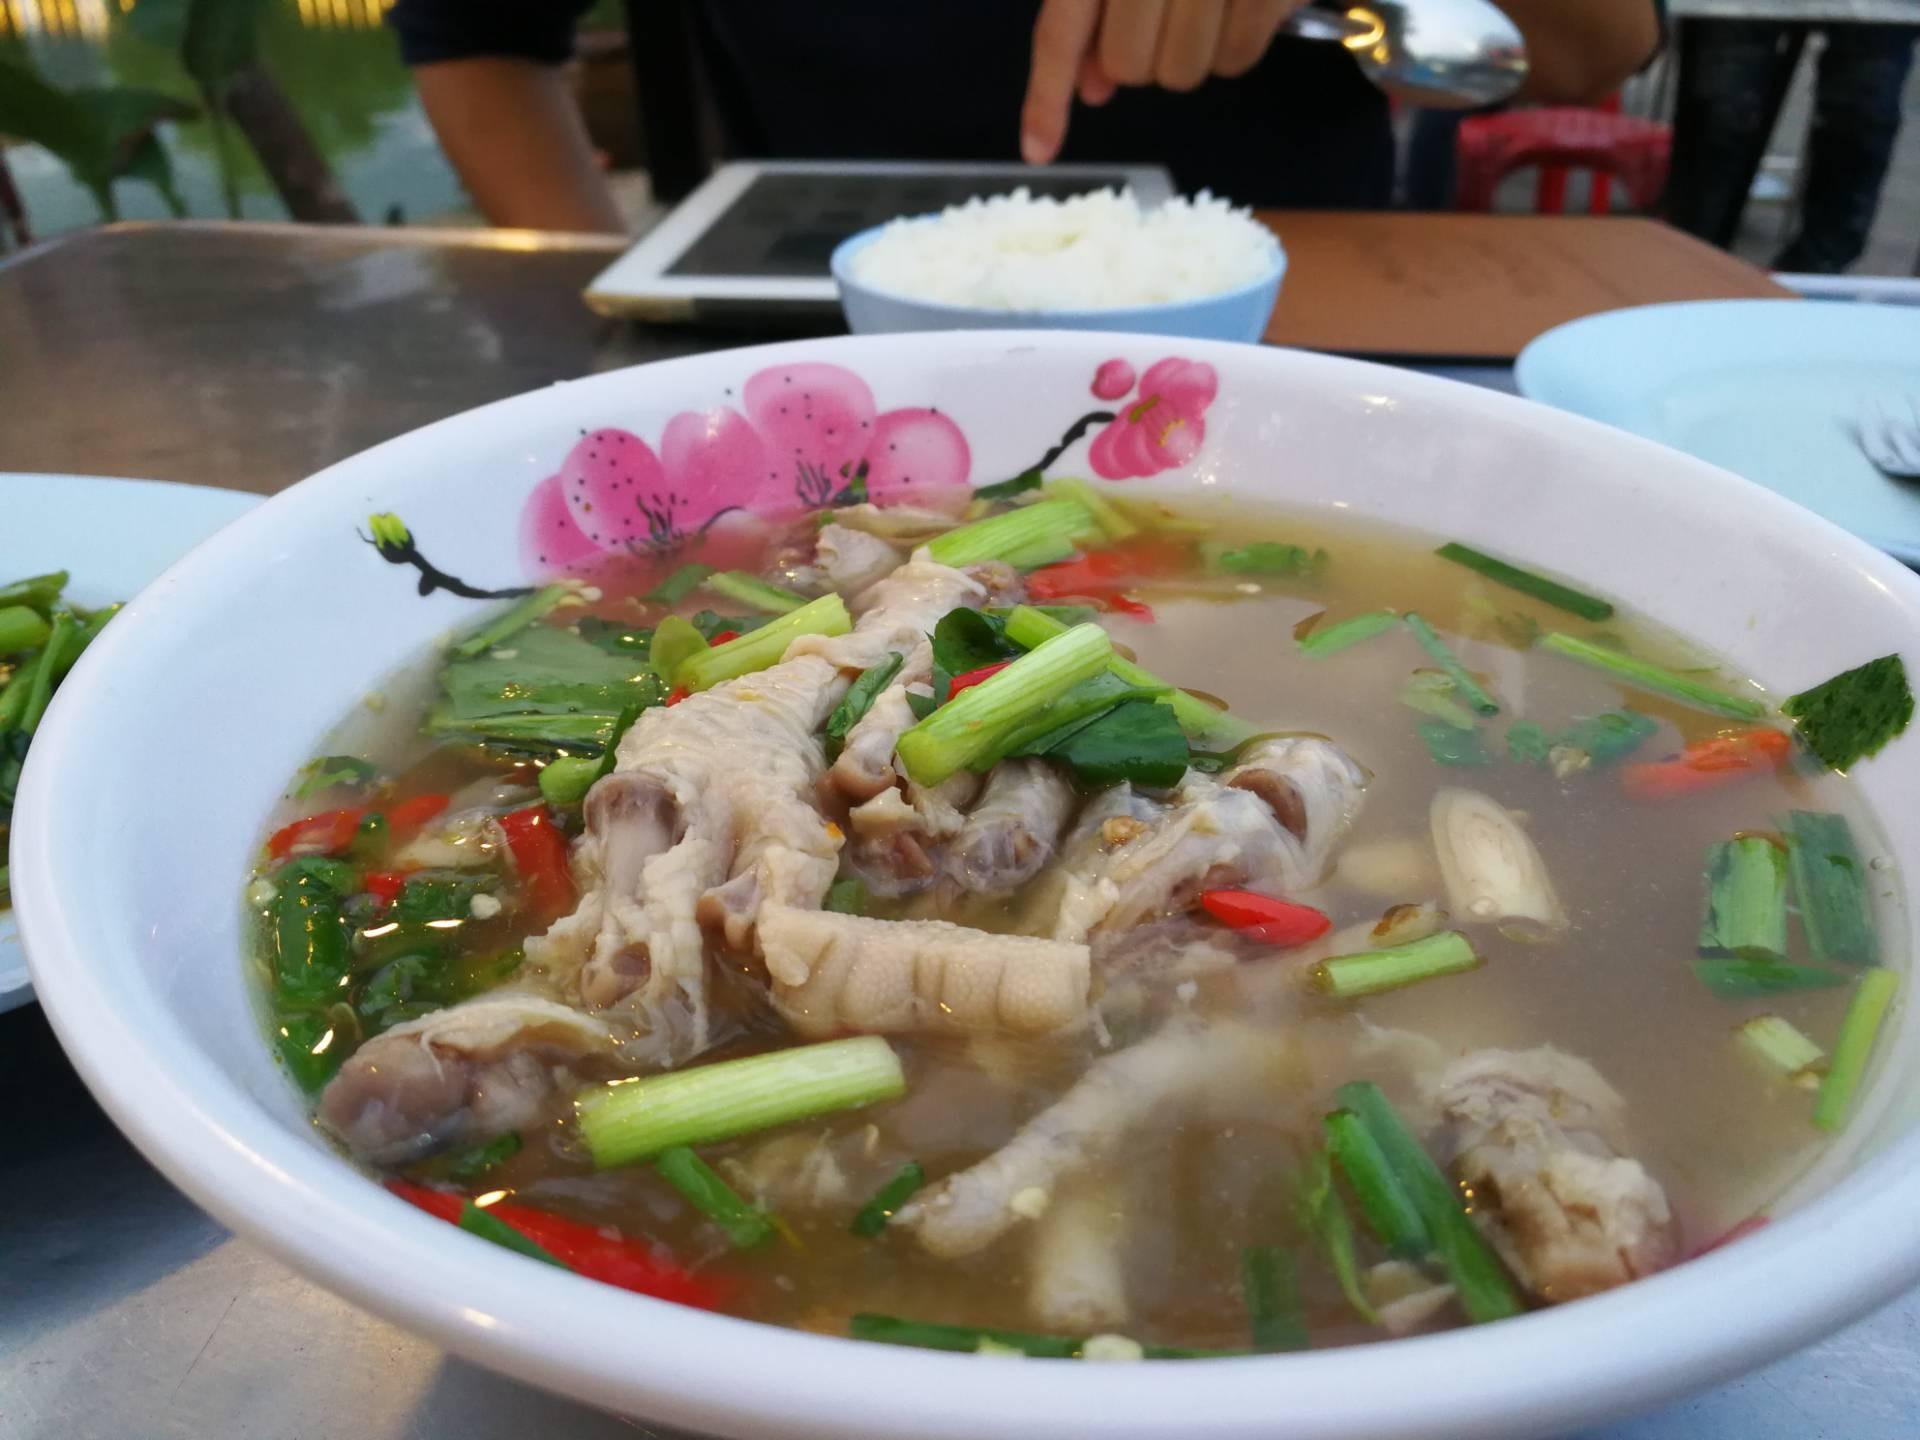 ข้าวต้มริมสระ เมืองทองธานี